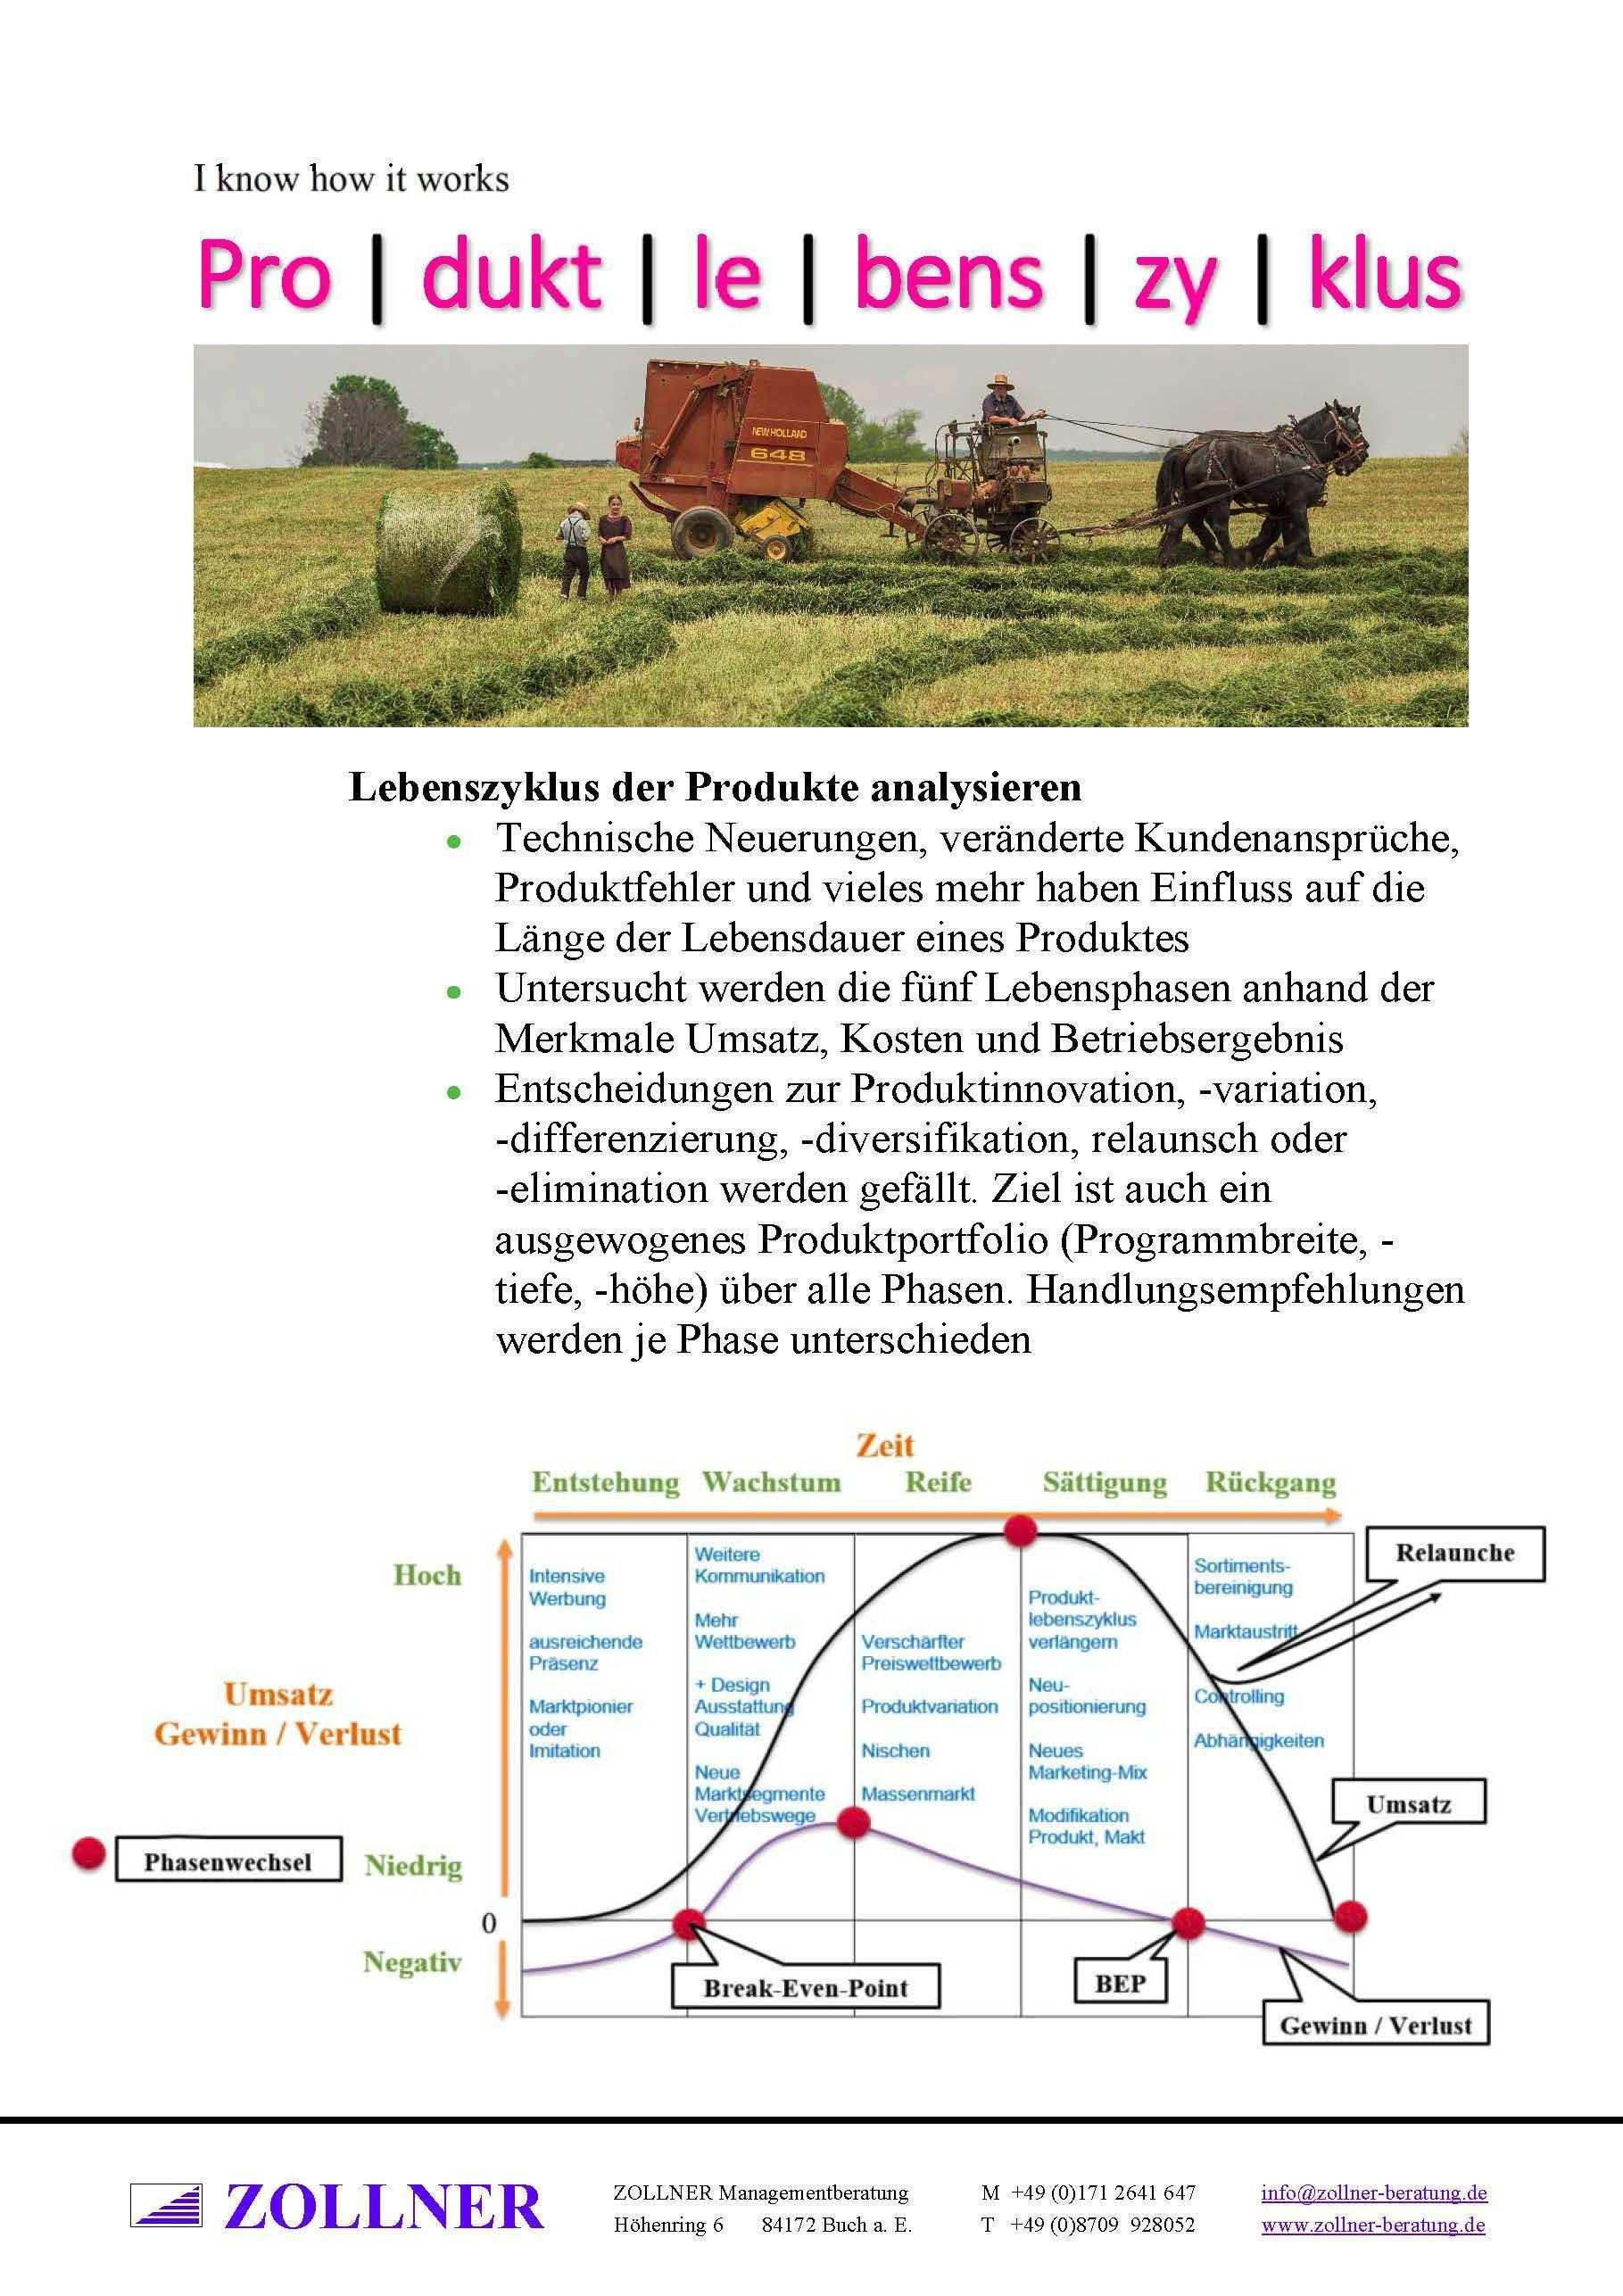 Toolbox Lebenszyklus Der Produkte Analysieren Technische Neuerungen Veranderte Kundenanspruche P Analysieren Organisationsentwicklung Strategieentwicklung